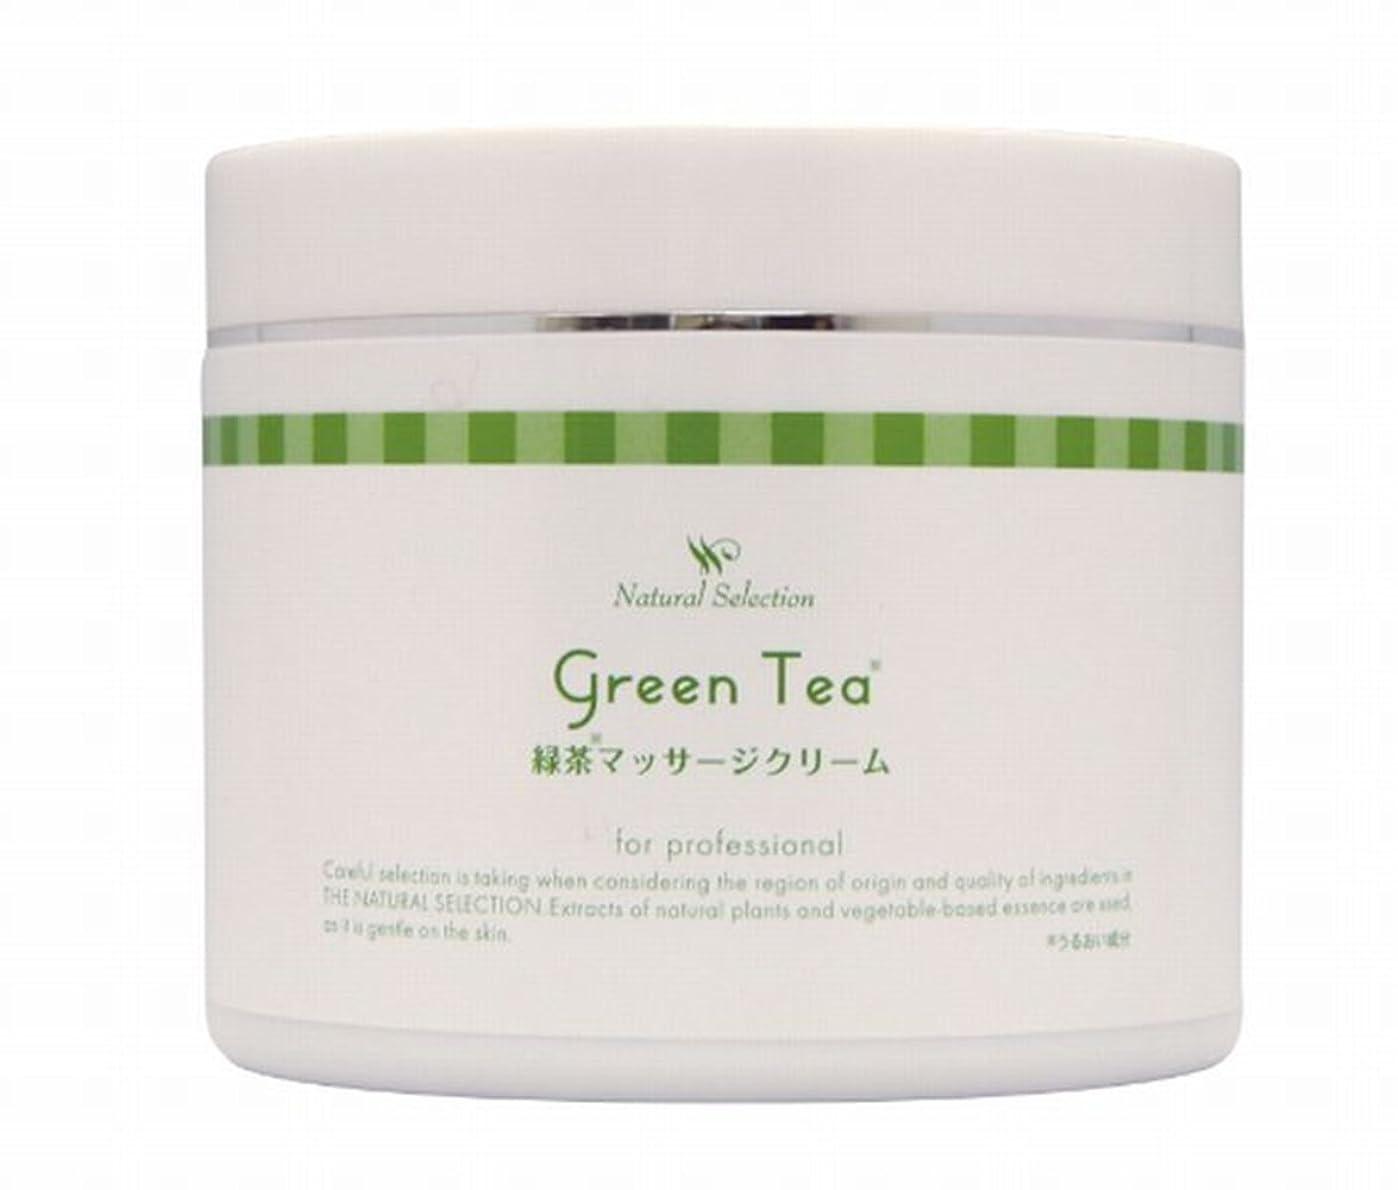 麻痺バランスのとれた天使緑茶マッサージクリーム(450g)【フットマッサージ】足もみクリーム 2個セット